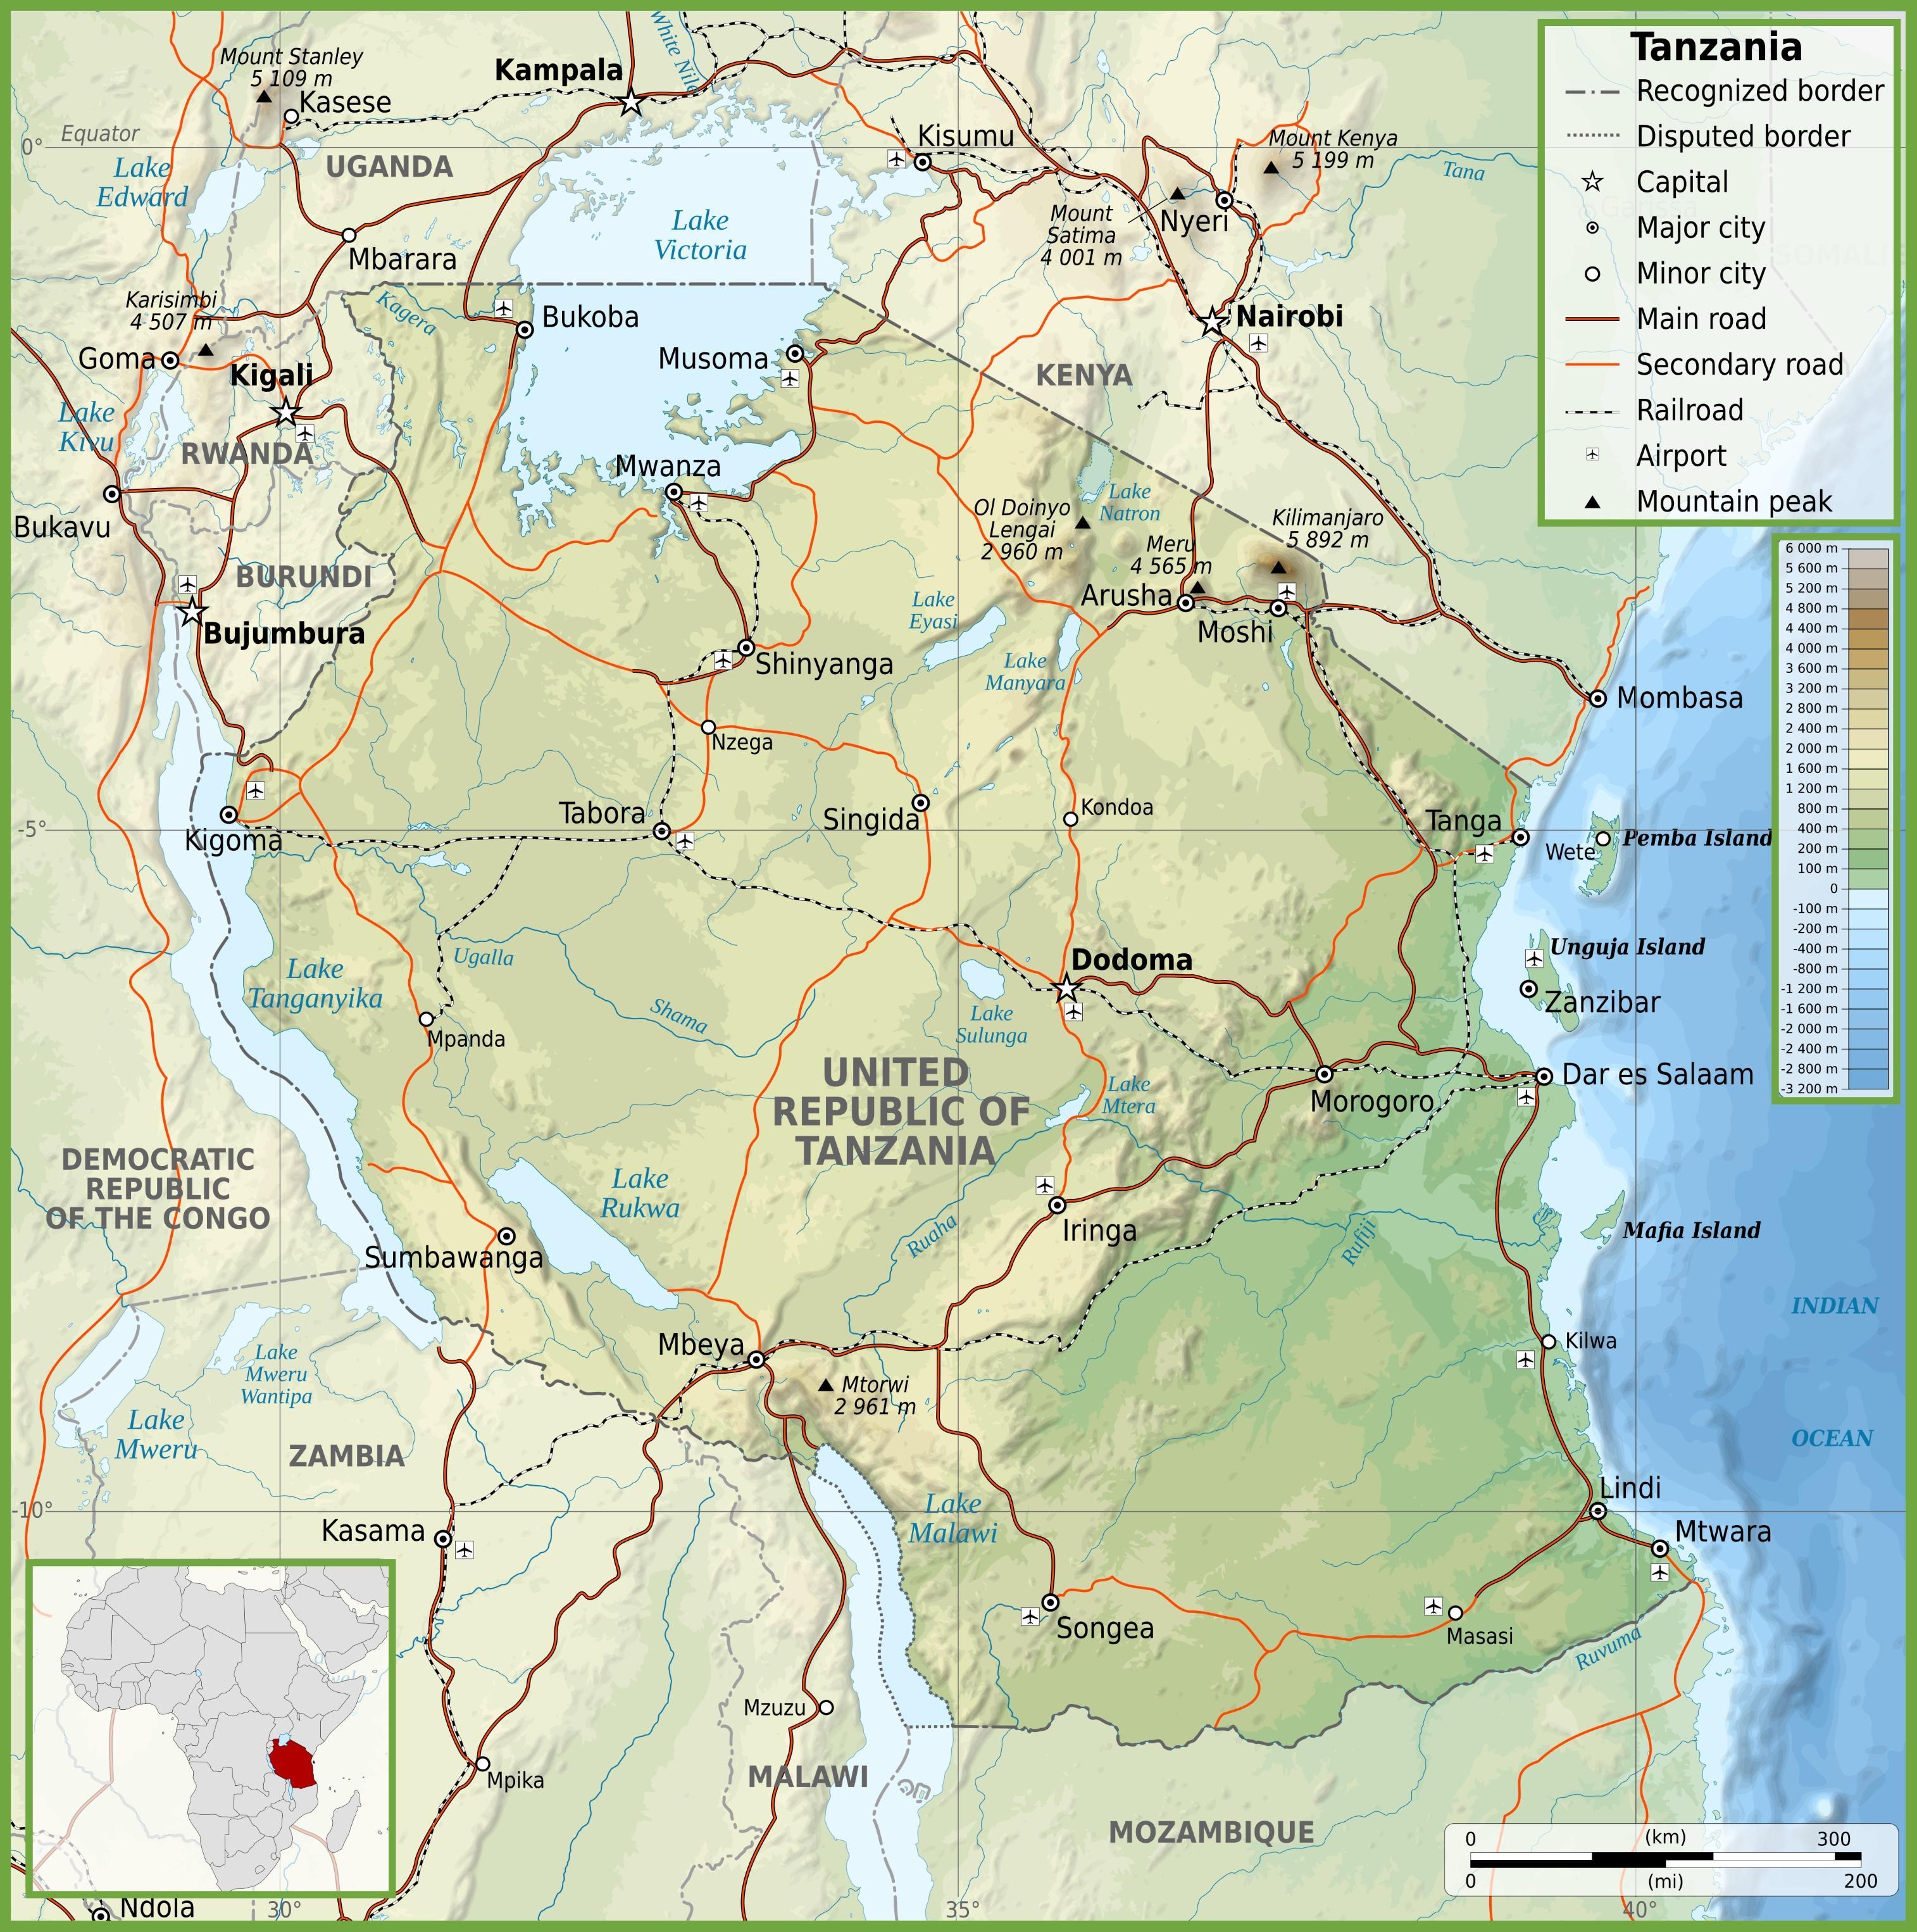 Karta Och Avstand.Road Karta Over Tanzania Med Avstand Karta Over Vagen Tanzania Med